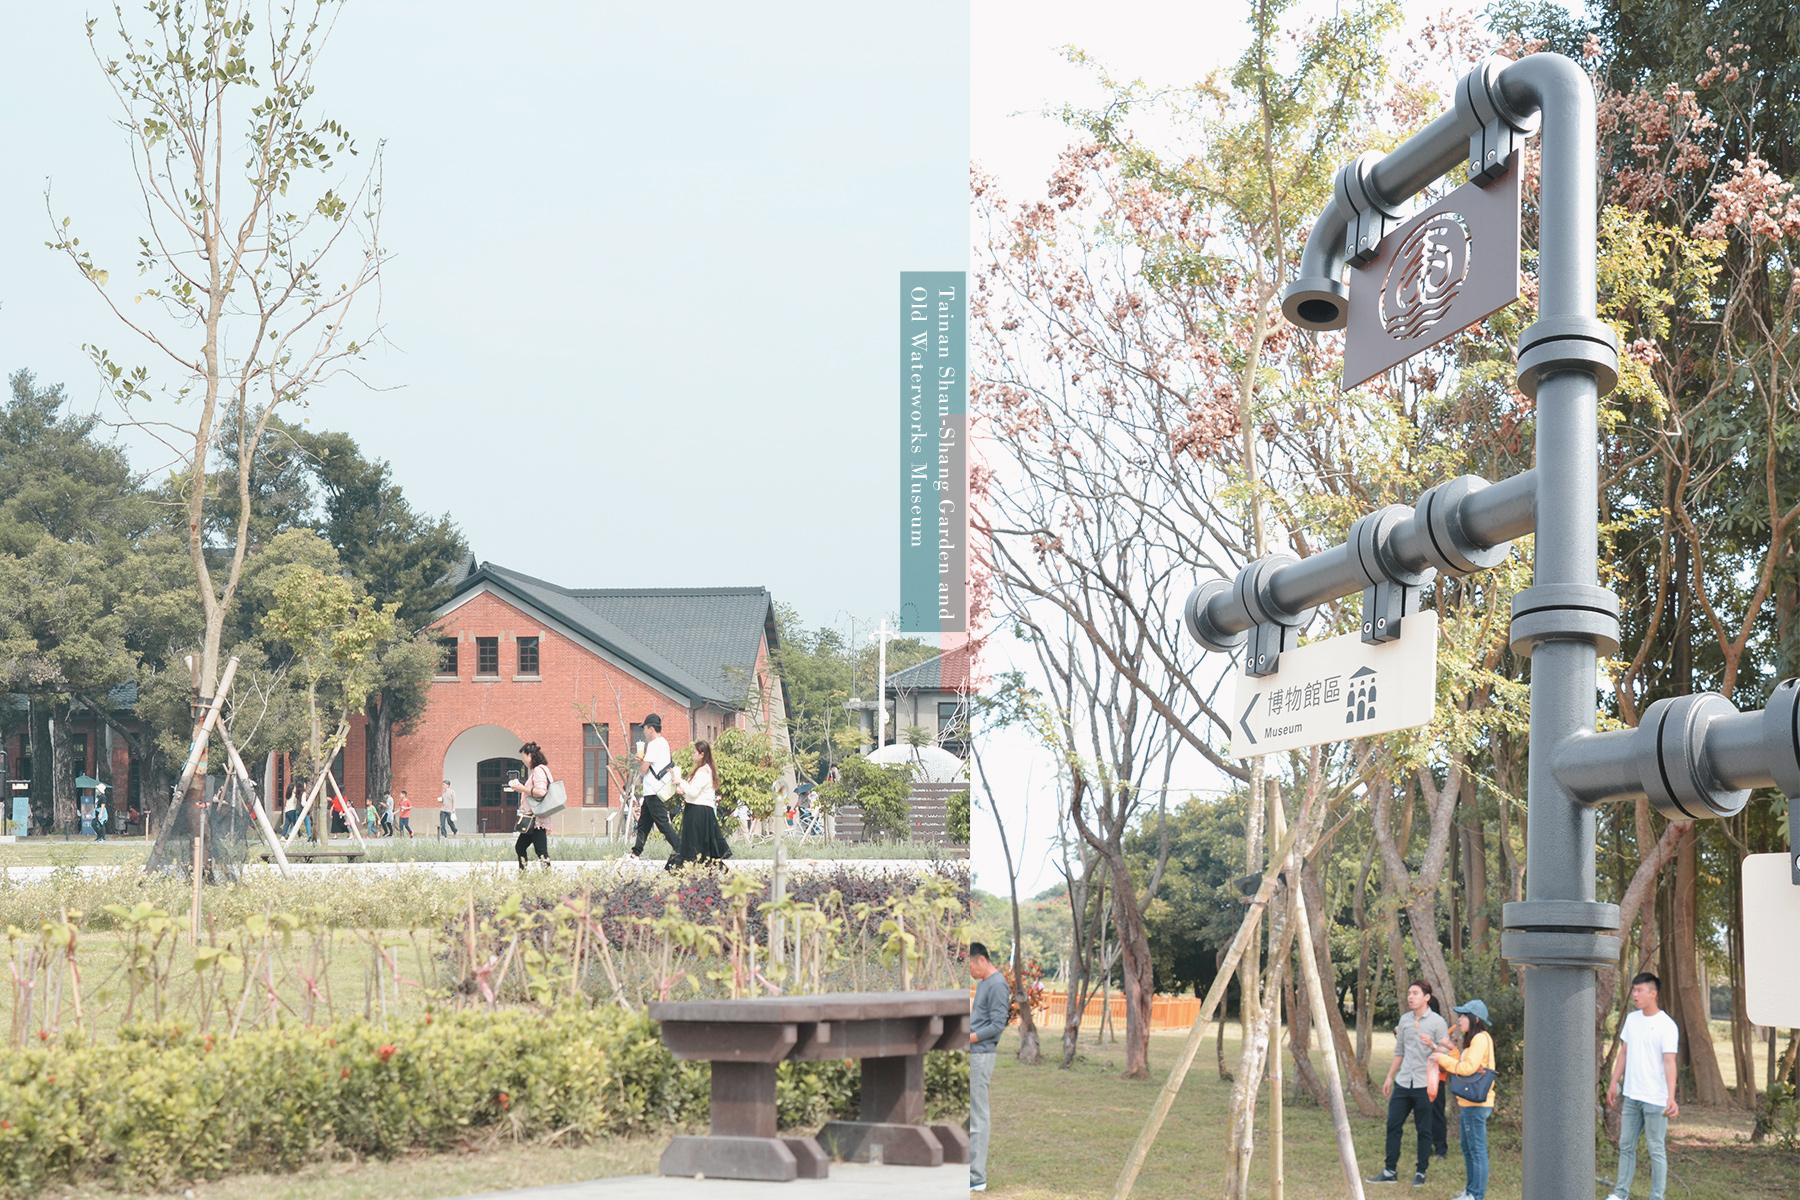 台南山上景點|山上花園水道博物館-重現日據時期風華,巴洛克建築風打卡